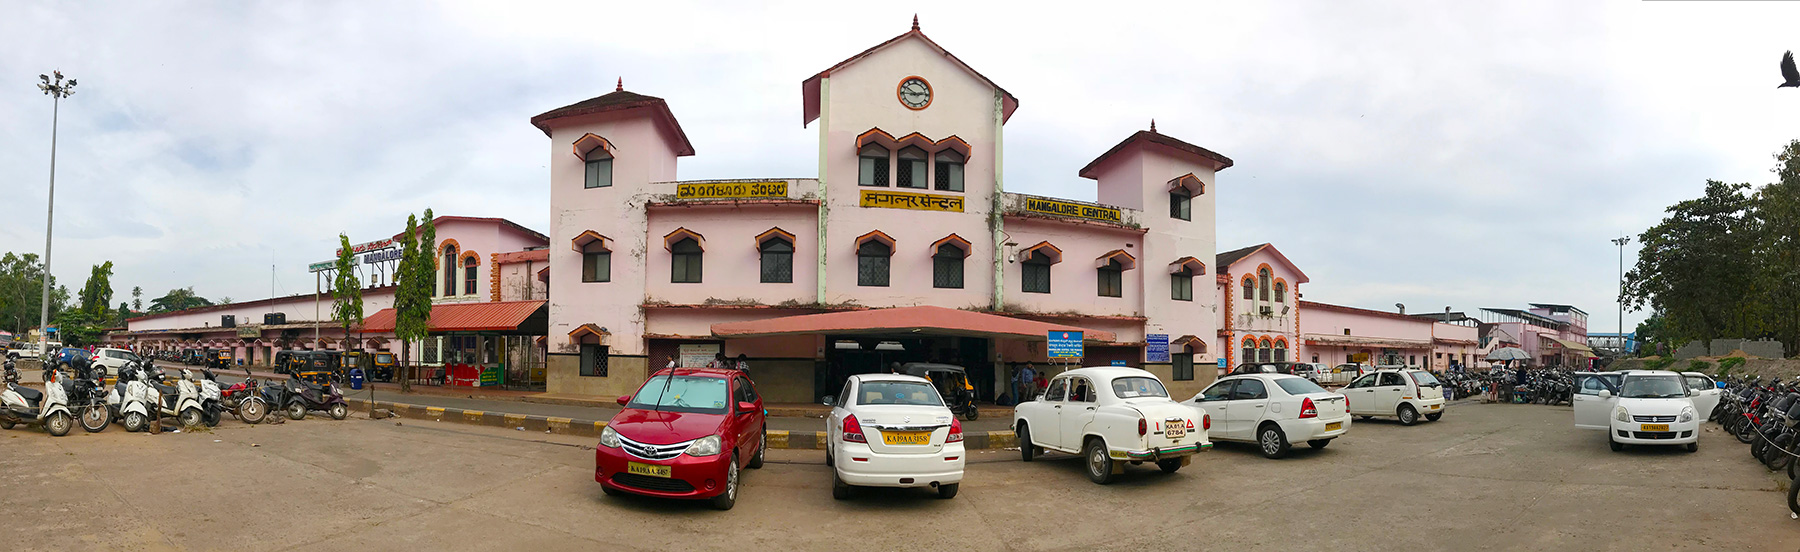 インド・マンガロール駅外観